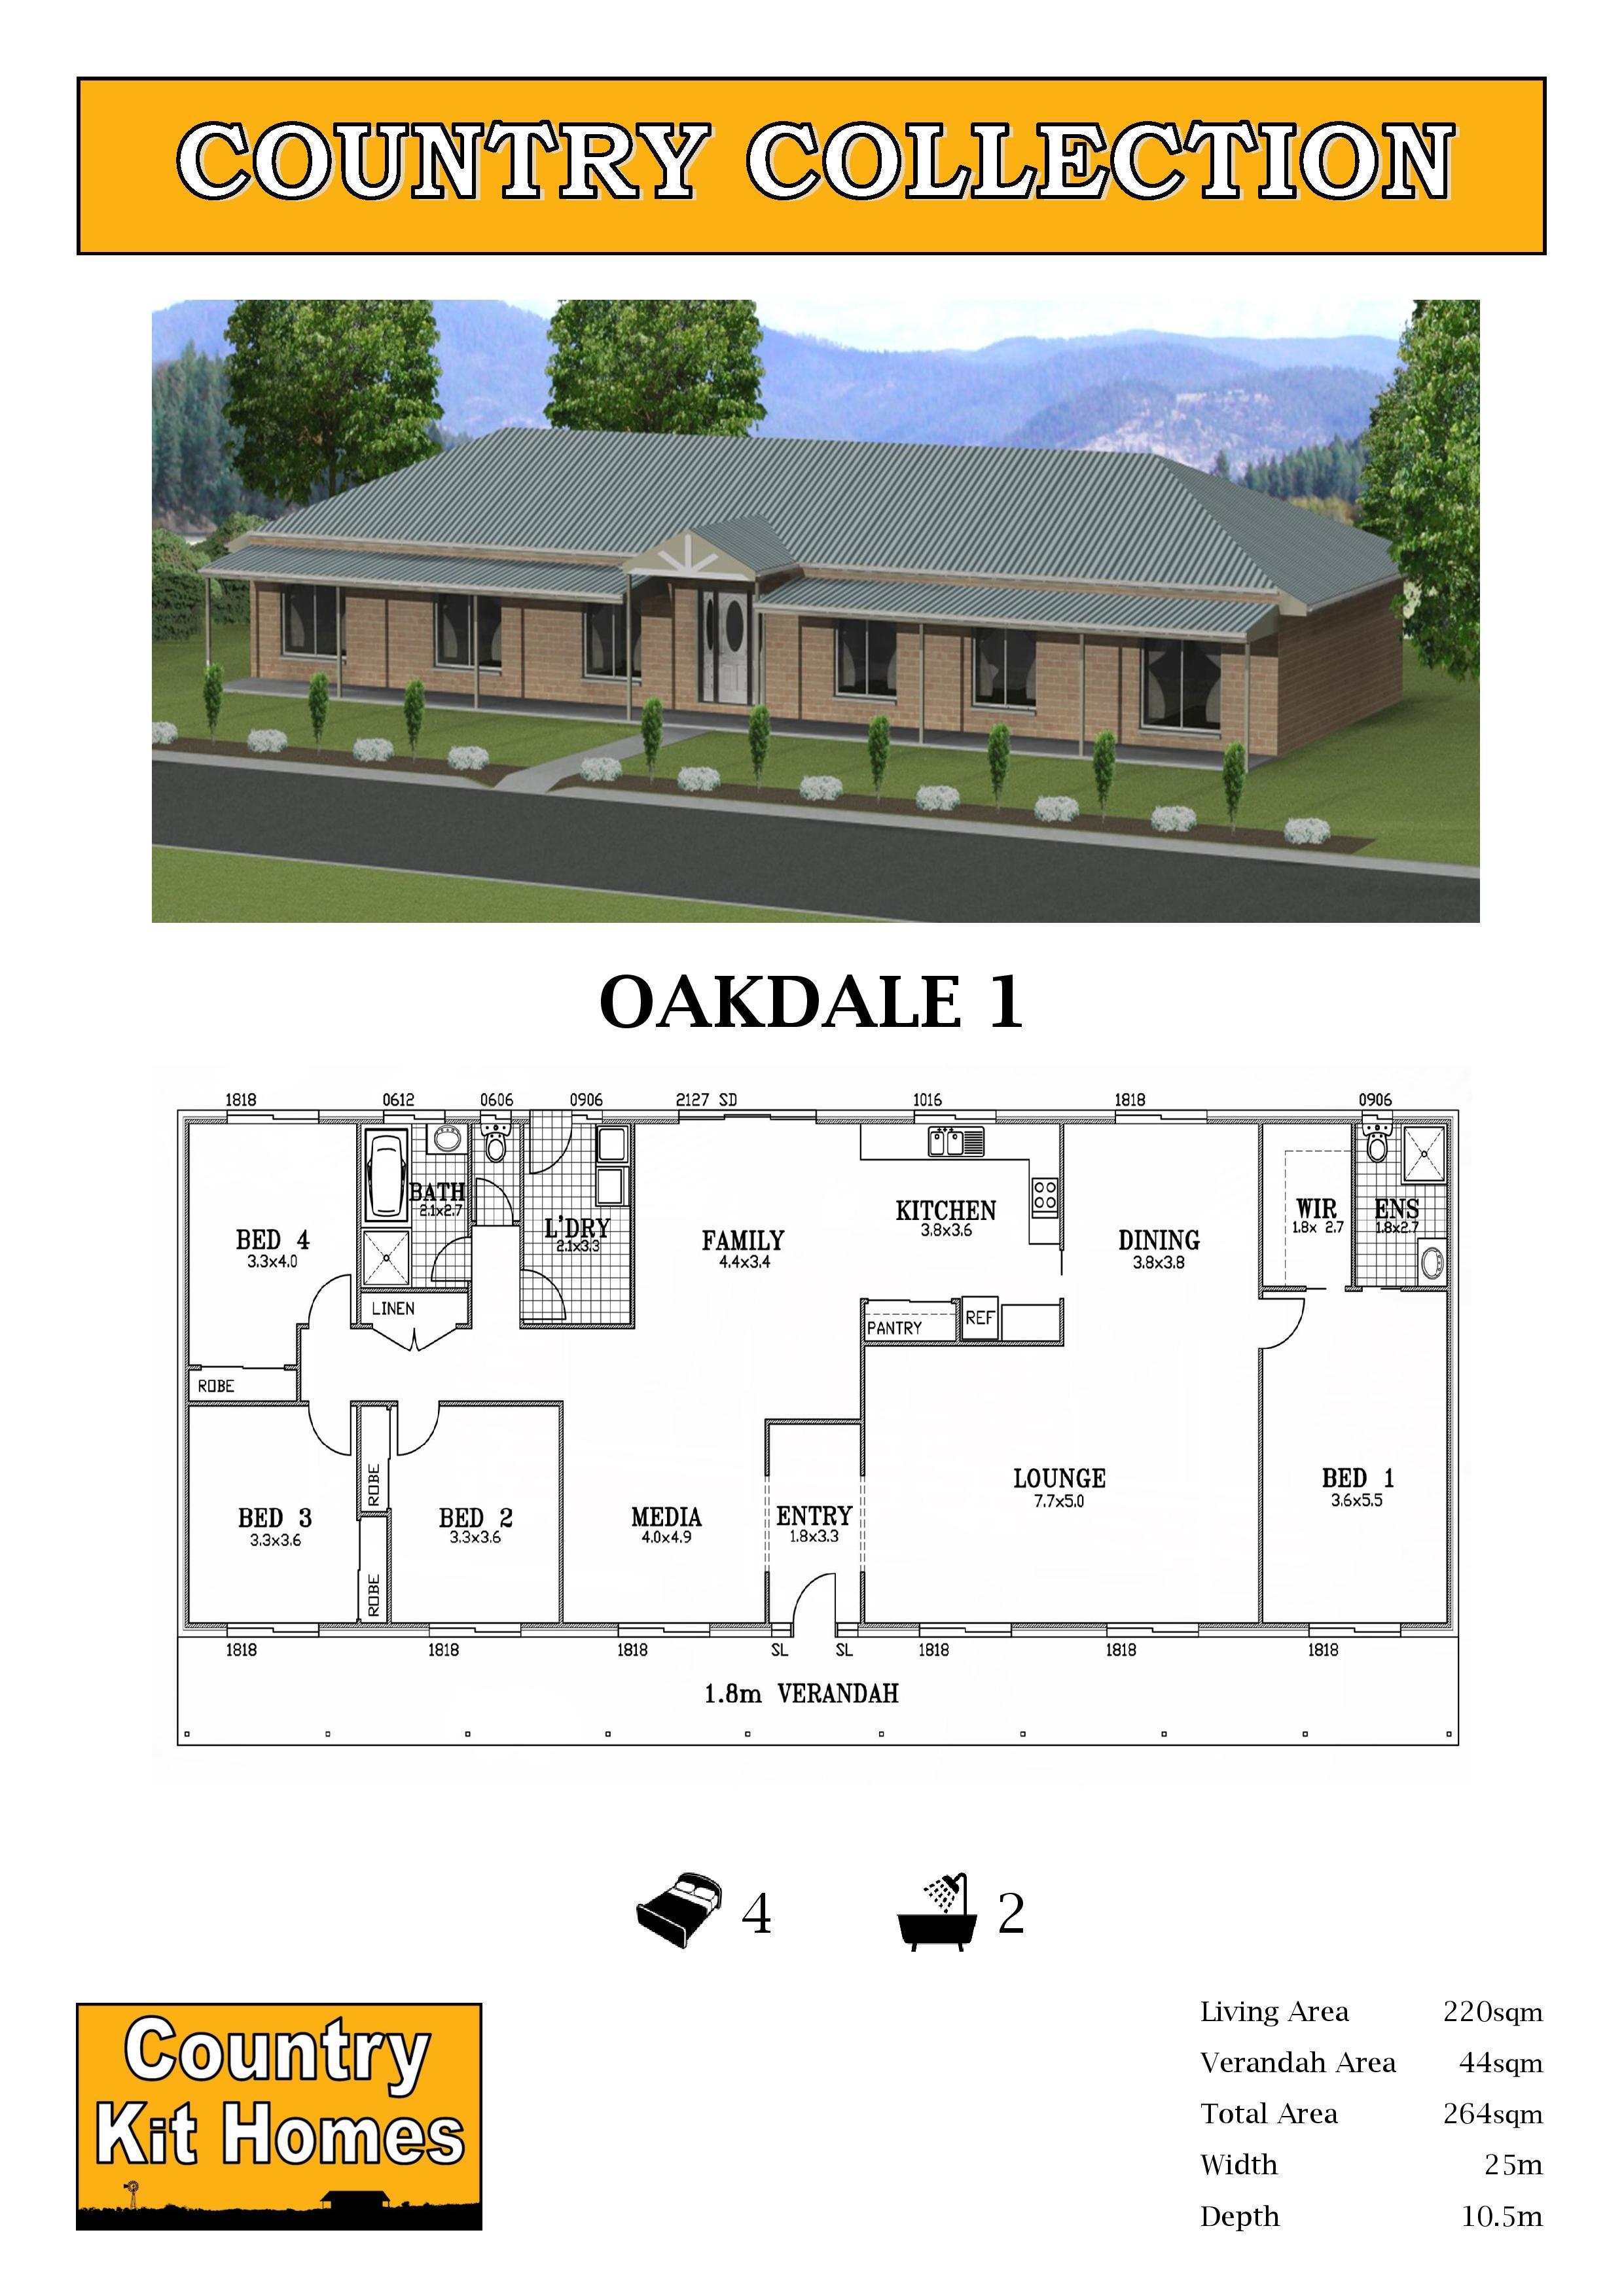 Oakdale 1